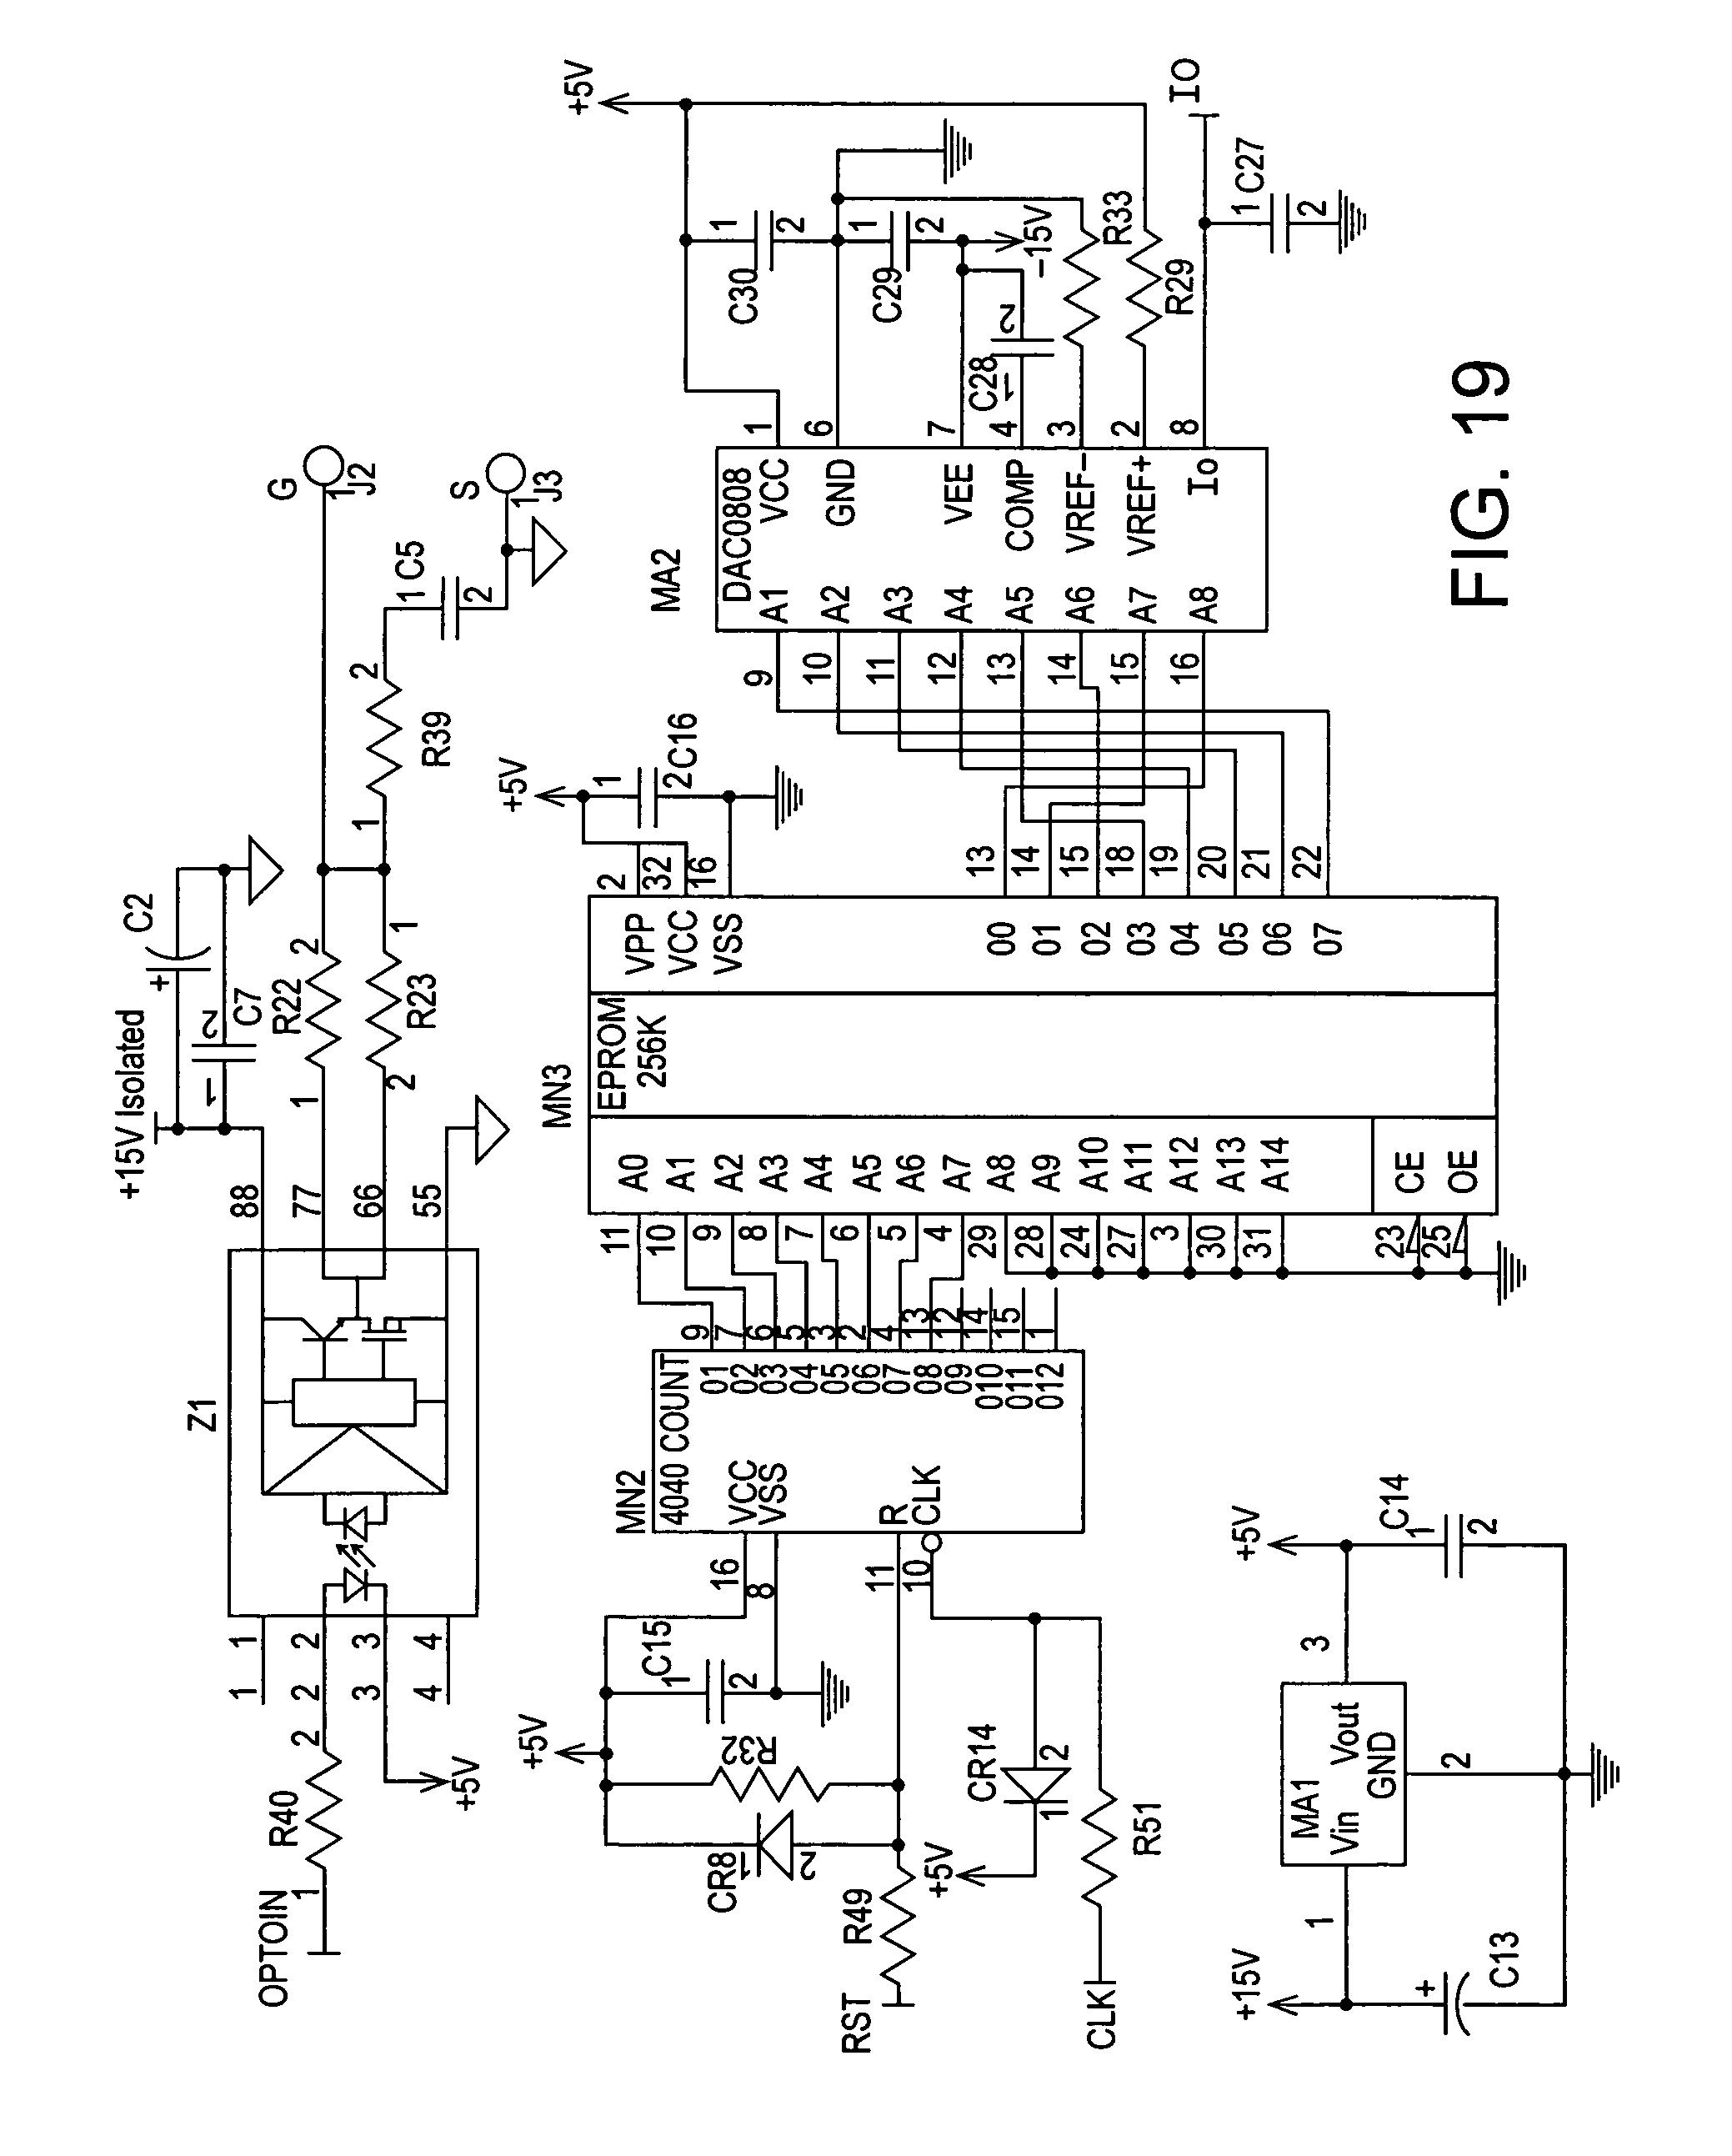 dac0808 datasheet wiring diagrams